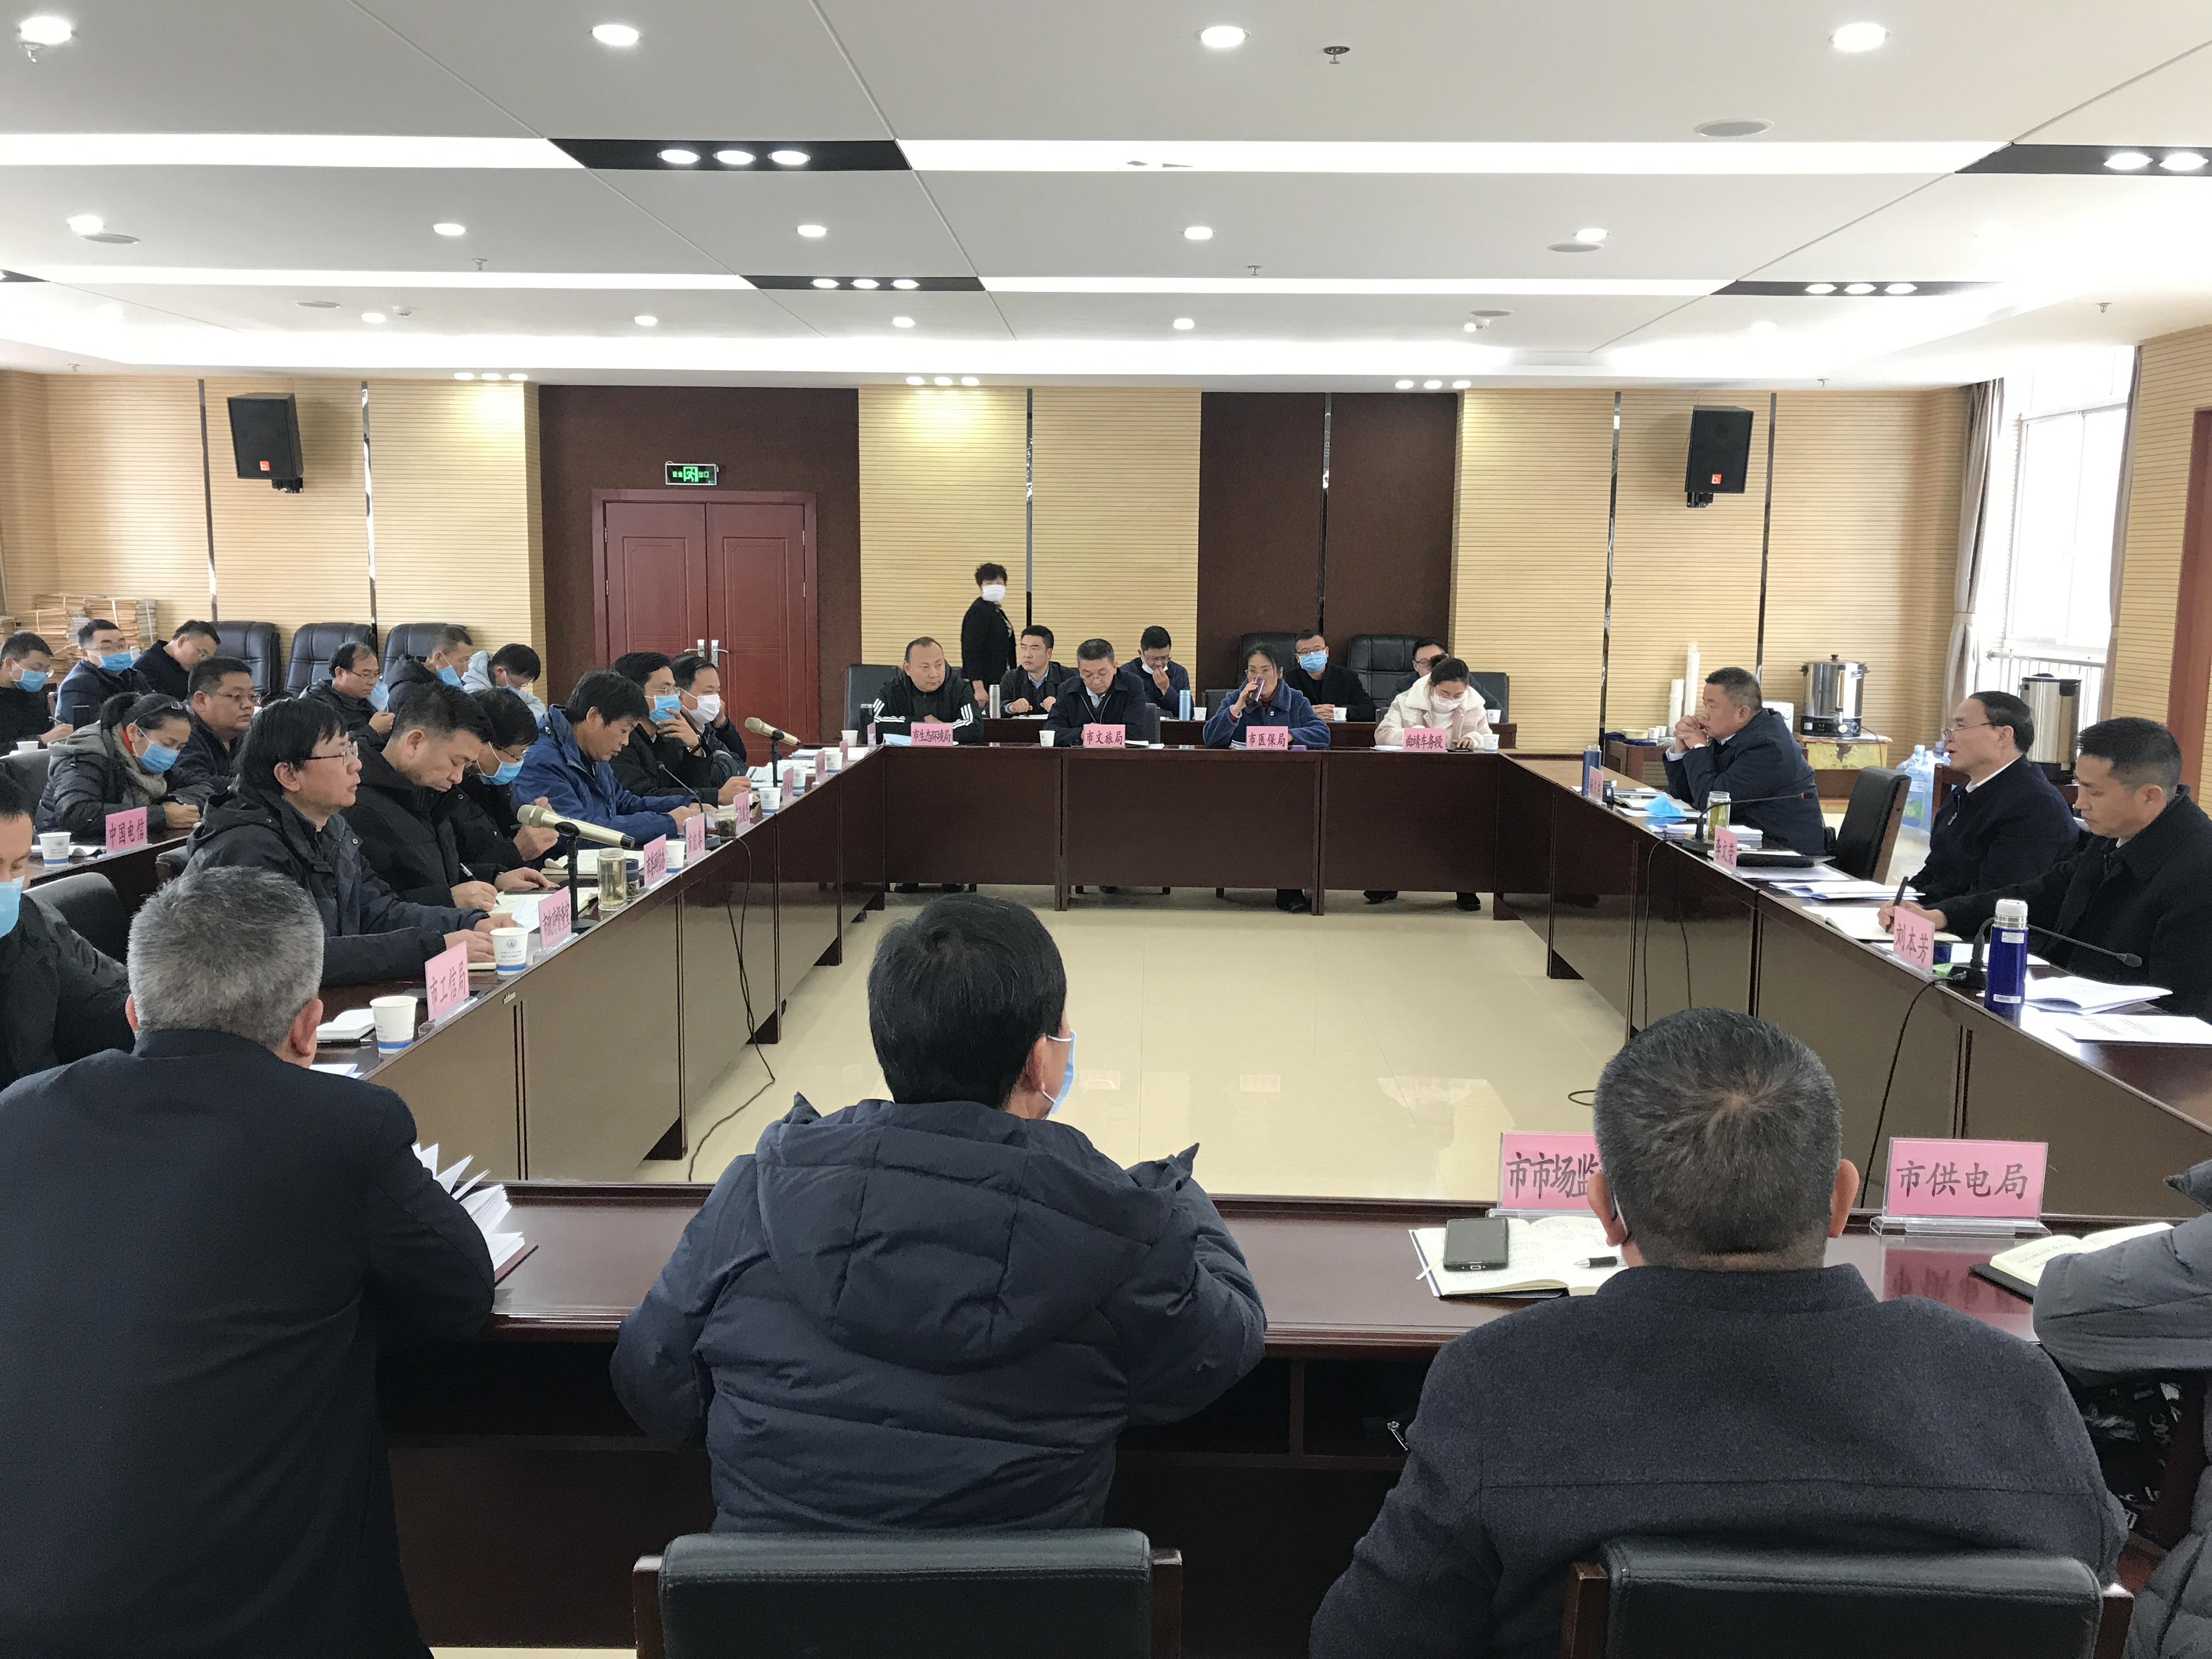 李文荣听取疫情防控工作情况汇报要求: